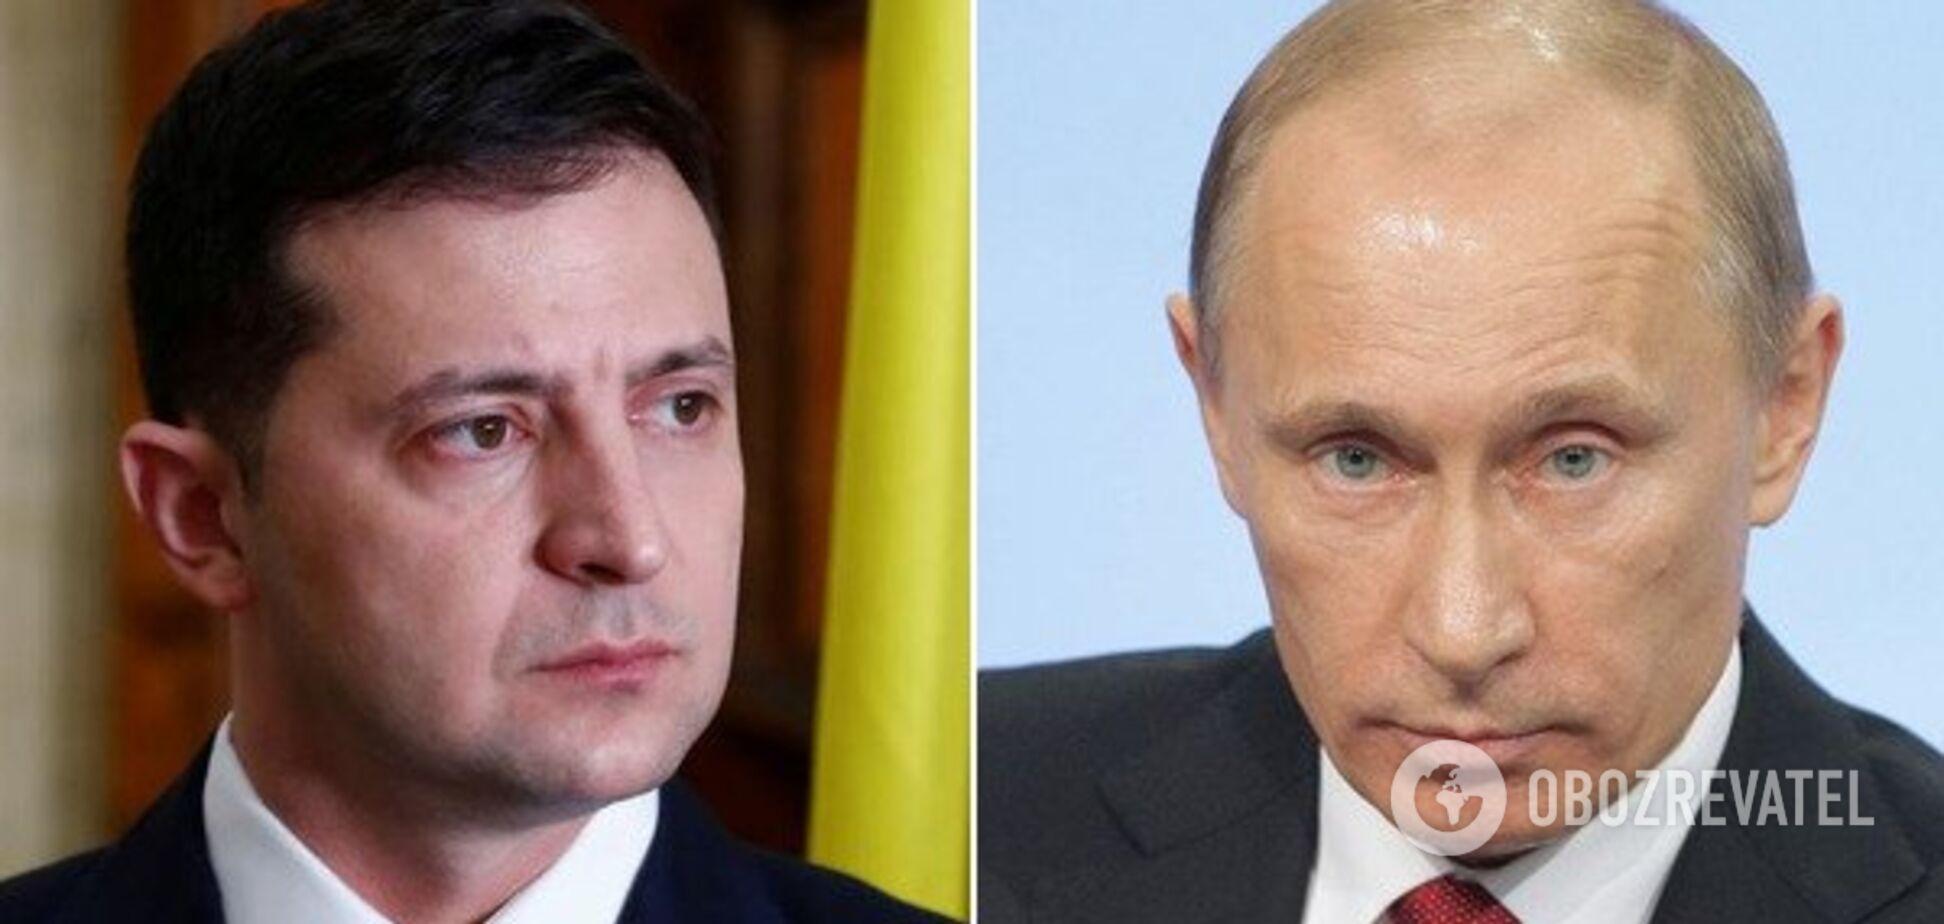 'Не поворачиваться спиной': Зеленскому дали важный совет перед встречей с Путиным